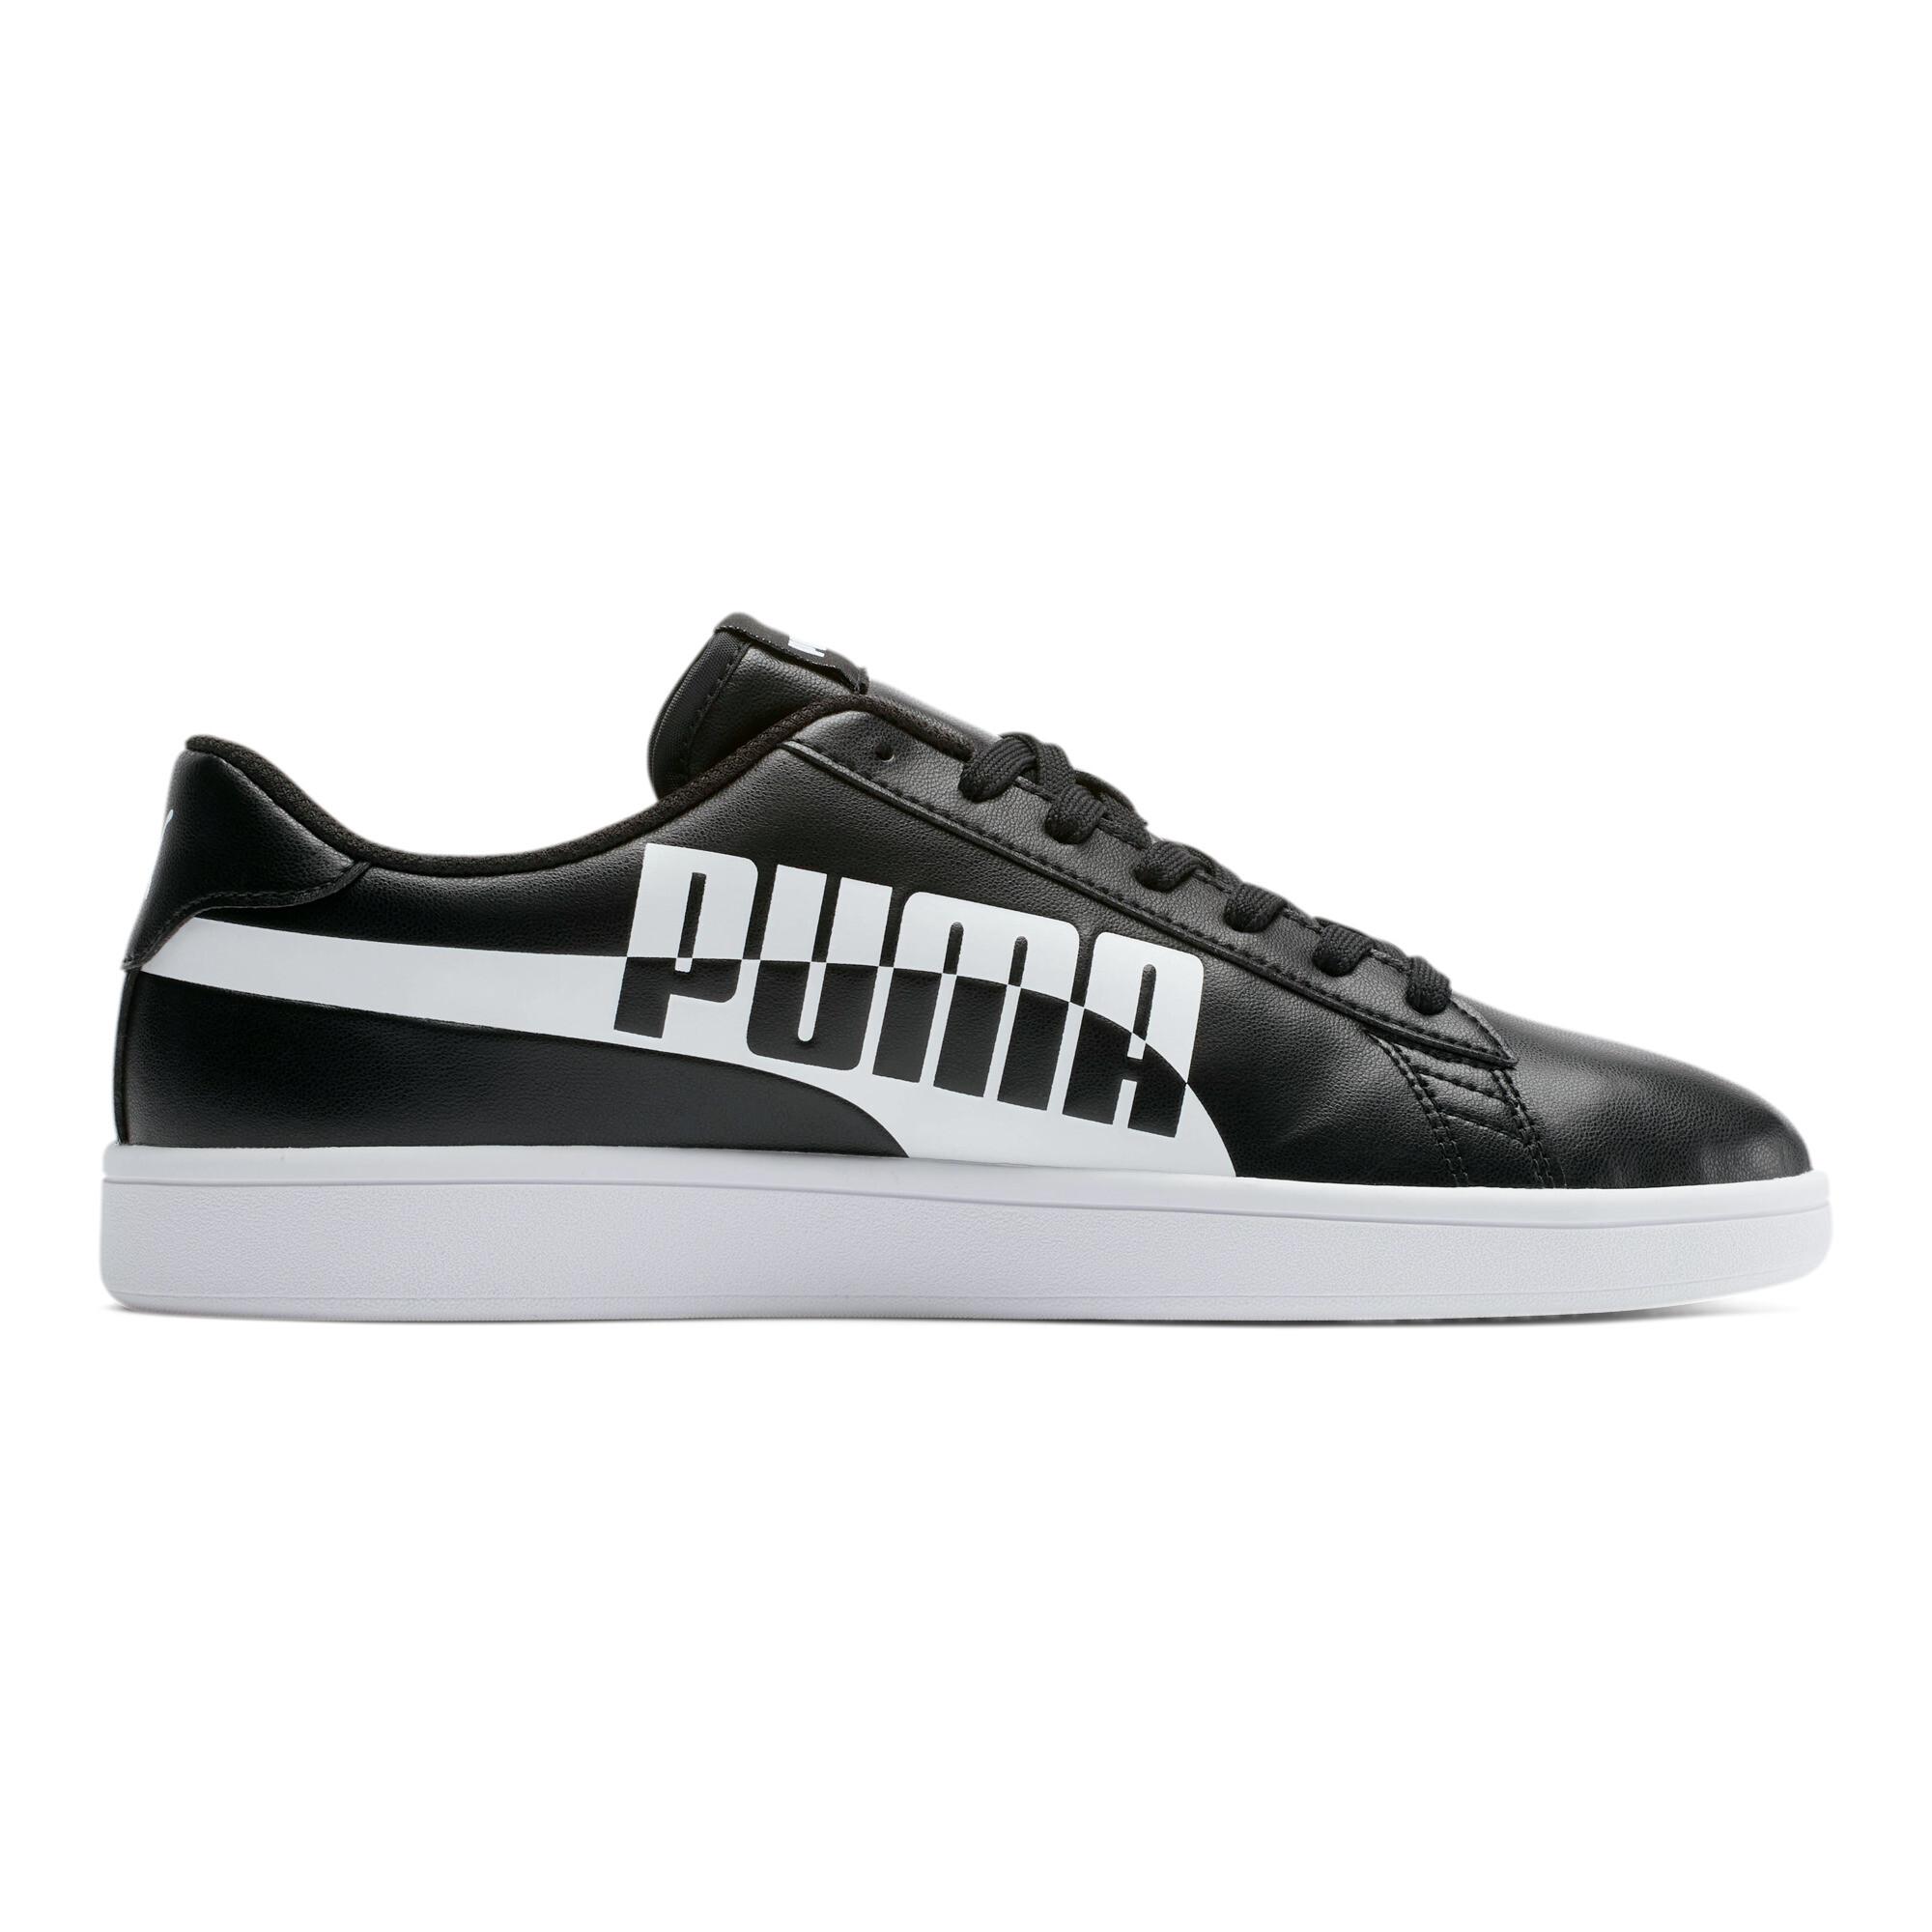 PUMA-PUMA-Smash-v2-Max-Sneakers-Men-Shoe-Basics thumbnail 6